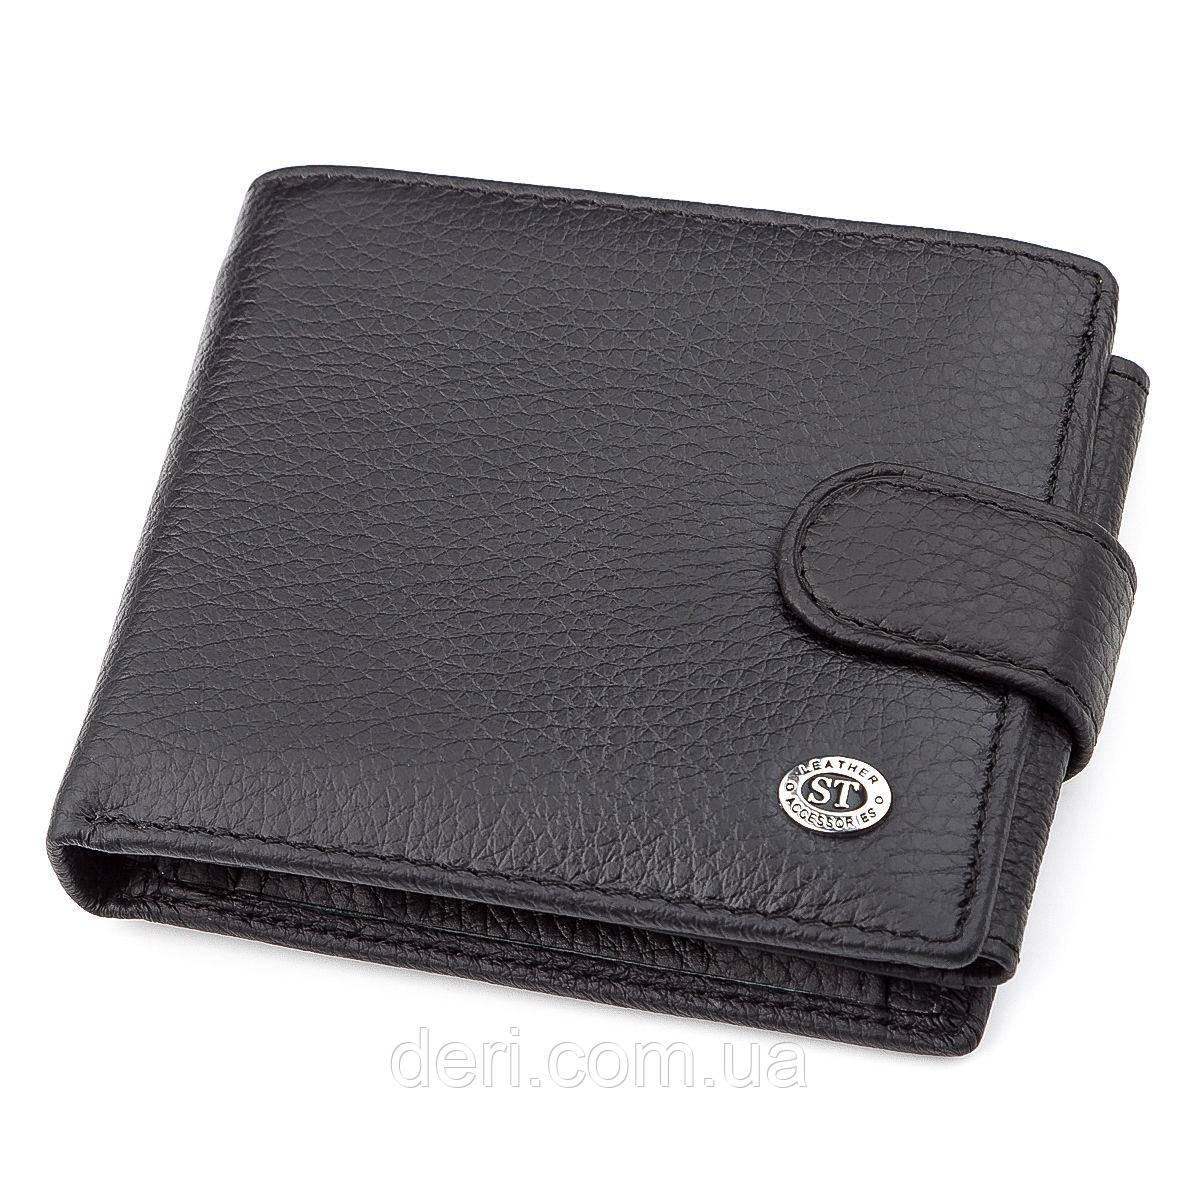 Мужской кошелек ST Leather натуральная кожа Черный, Черный